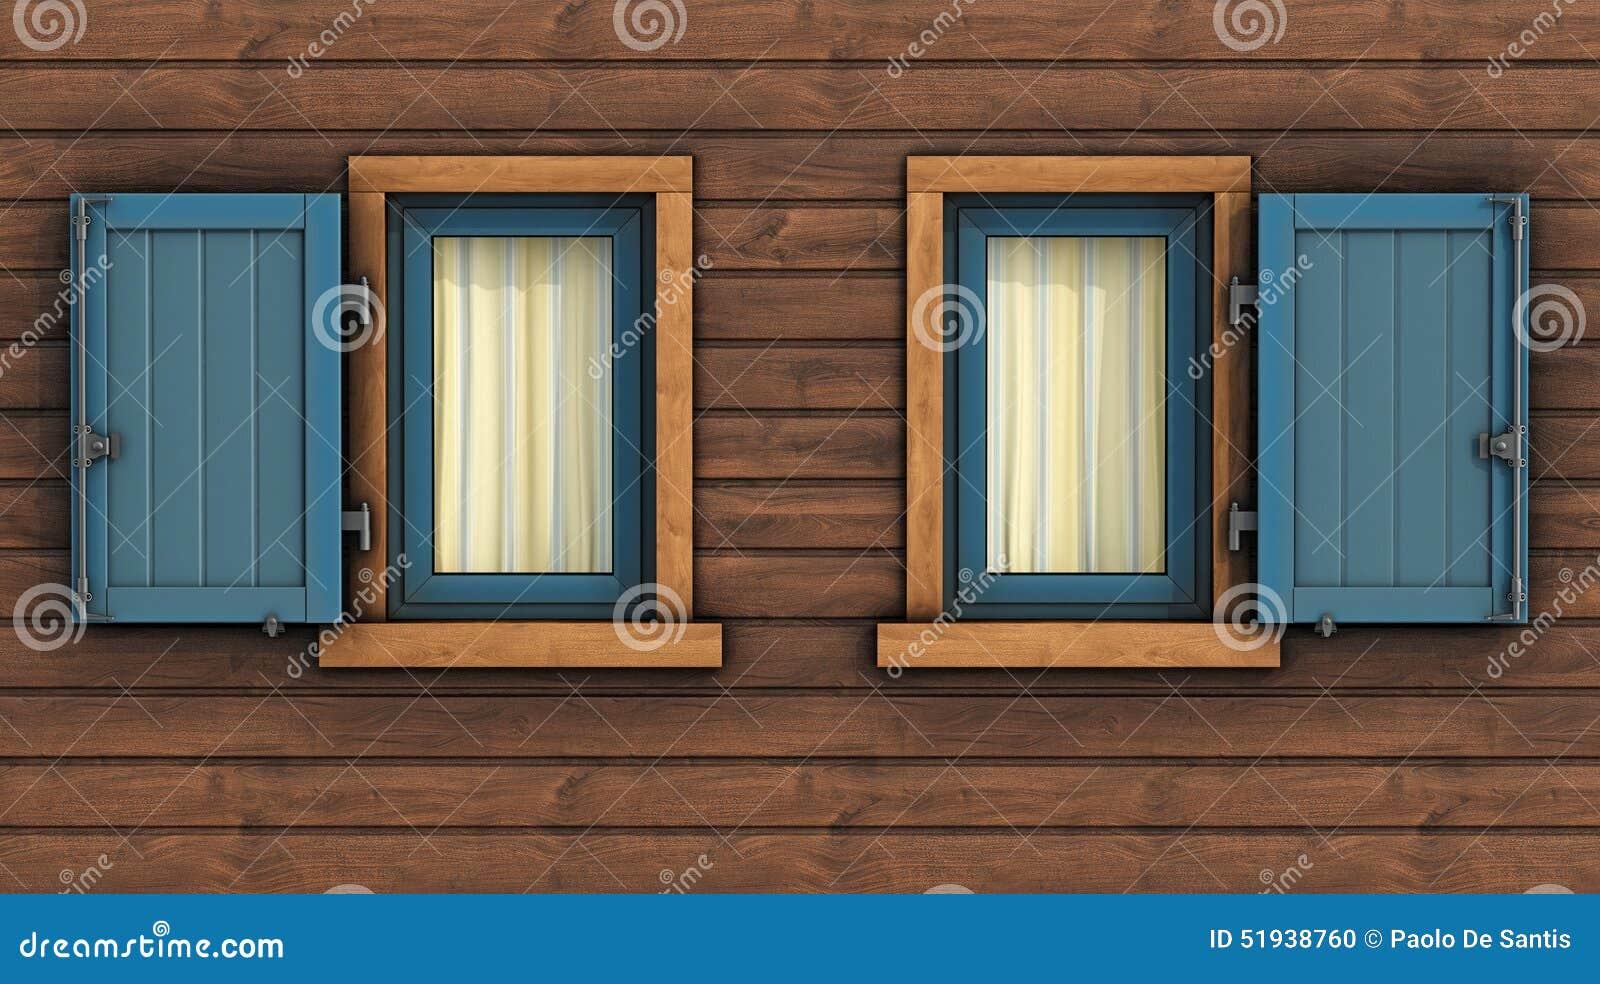 Dettaglio della facciata di una casa di legno for Una pianta della casa di legno